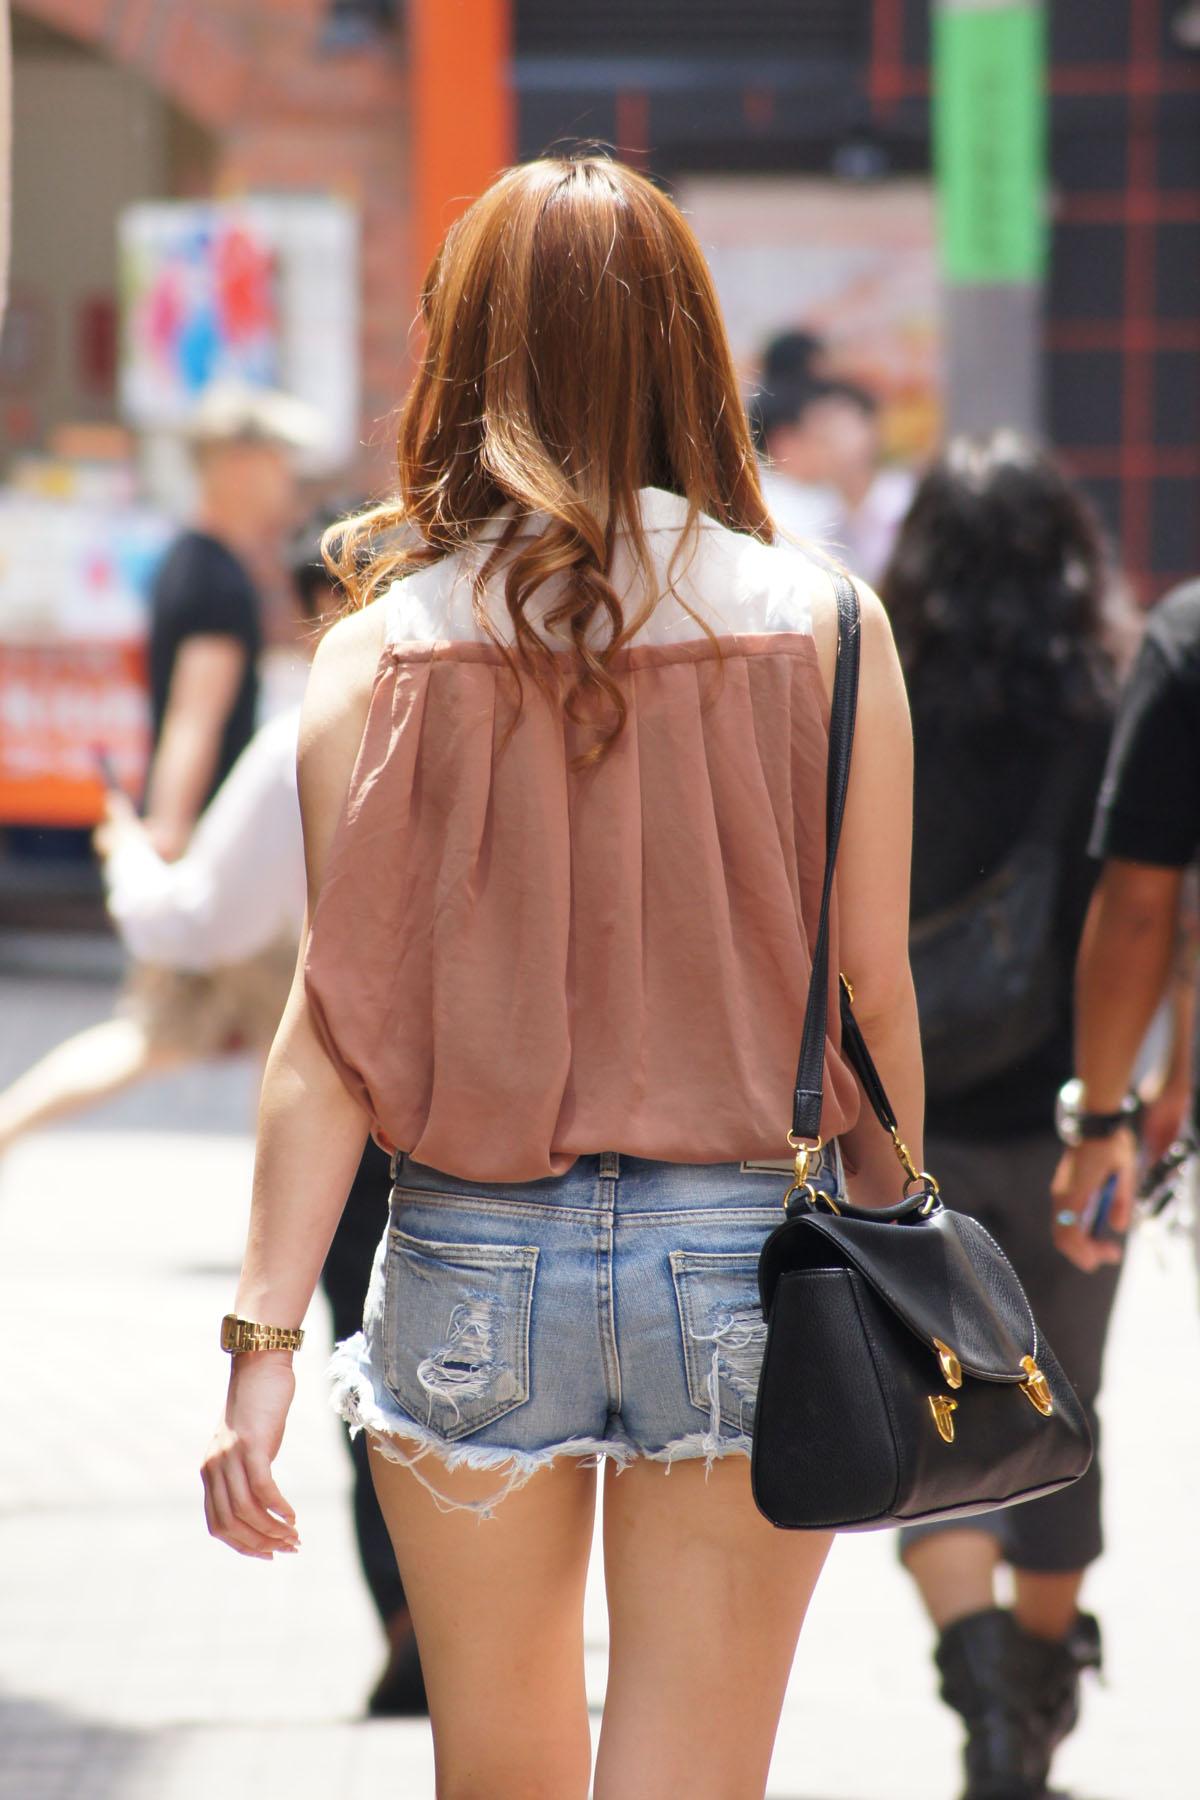 【ショーパンエロ画像】ハミ尻なんて平気!美脚を限界まで見せた街角ショーパン女子(*´д`*)